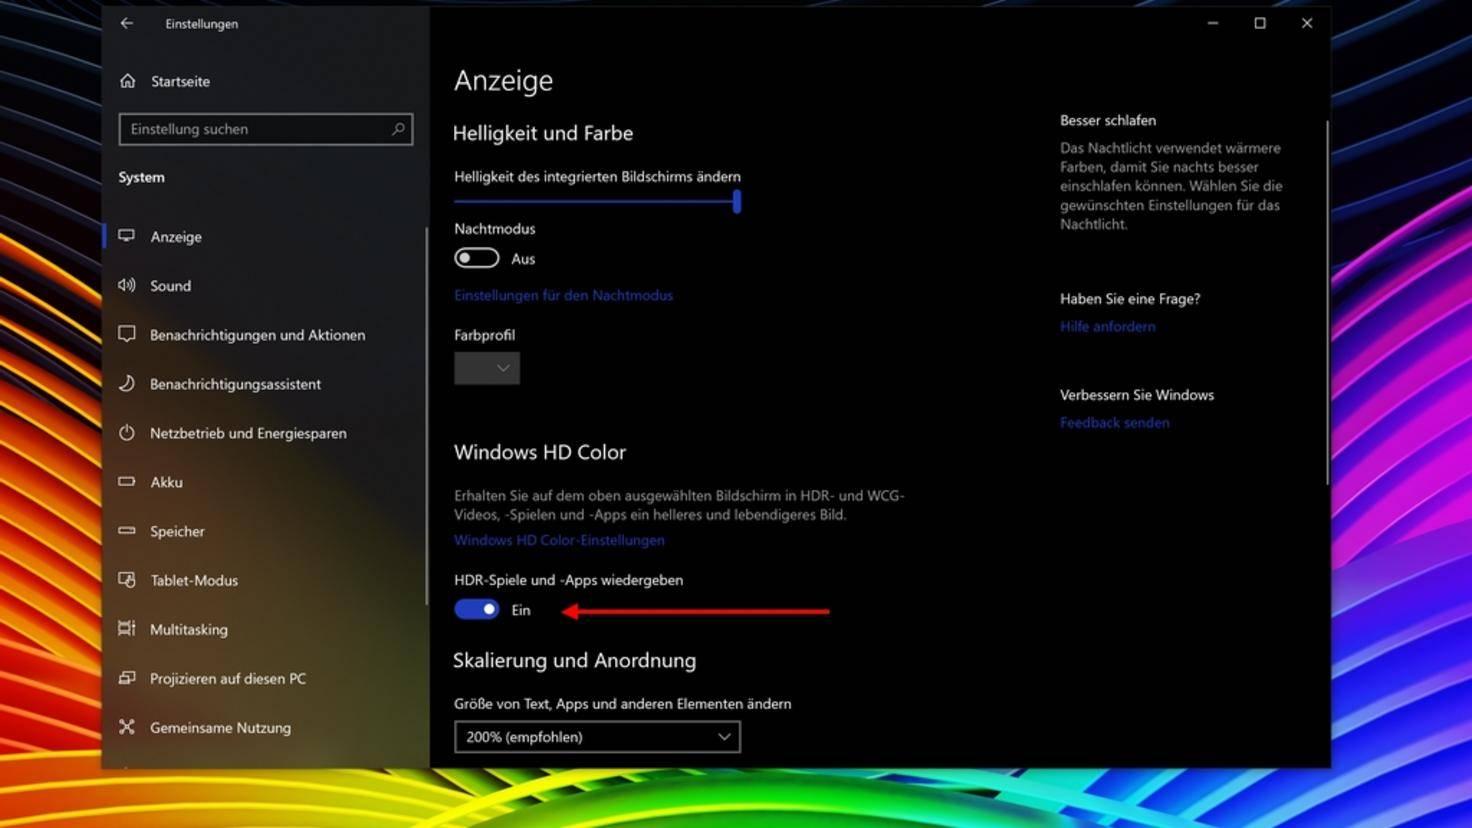 """Über den Schieberegler """"HDR-Spiele und -Apps wiedergeben"""", kannst Du die HDR-Unterstützung aktivieren."""